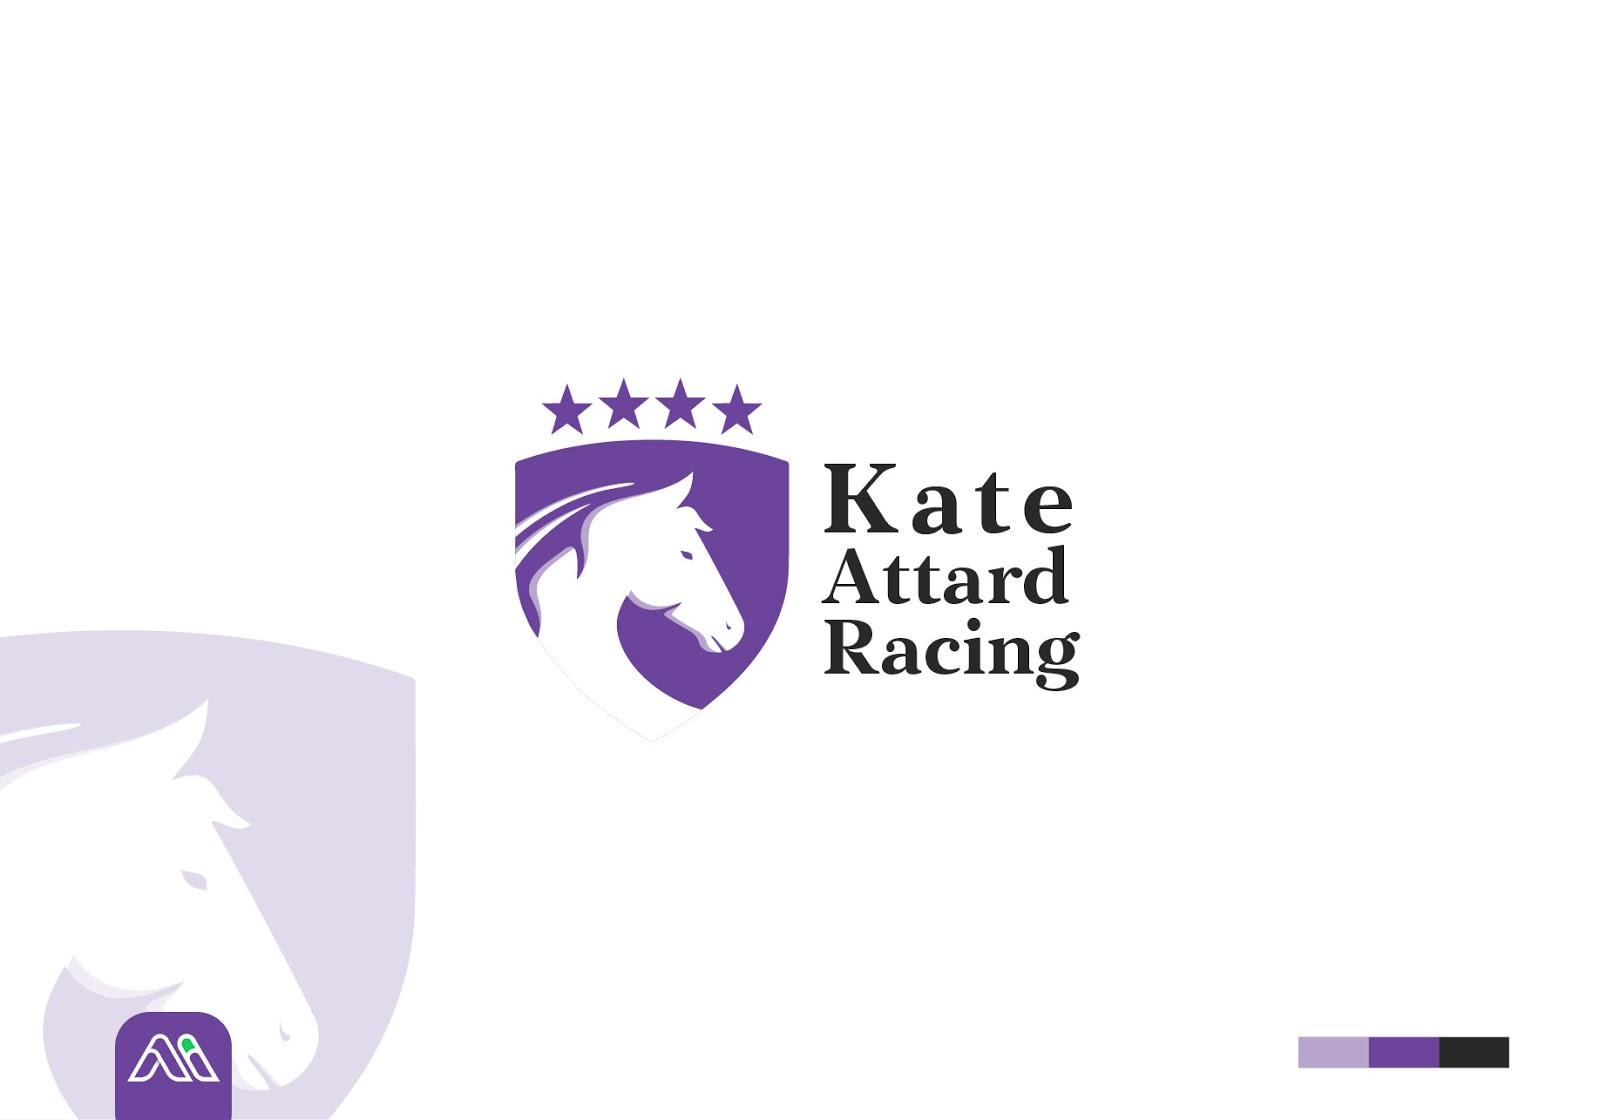 أعمال | شعار شركة تنظيم سباقات الخيول Kate Attard Racing